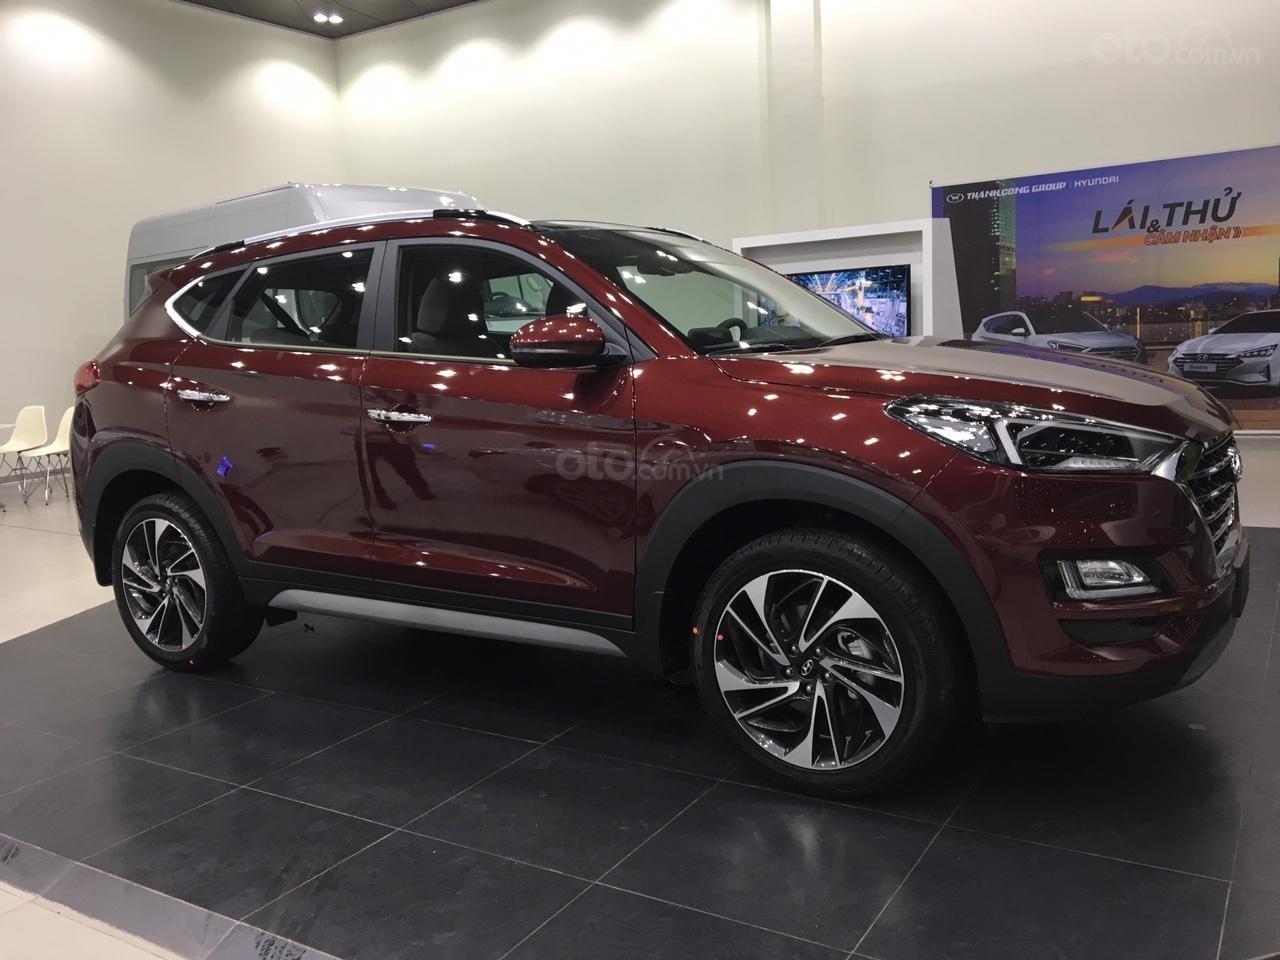 Hyundai Tucson 2019 giá tốt nhất thị trường, kèm nhiều ưu đãi, xe có sẵn giao ngay (1)